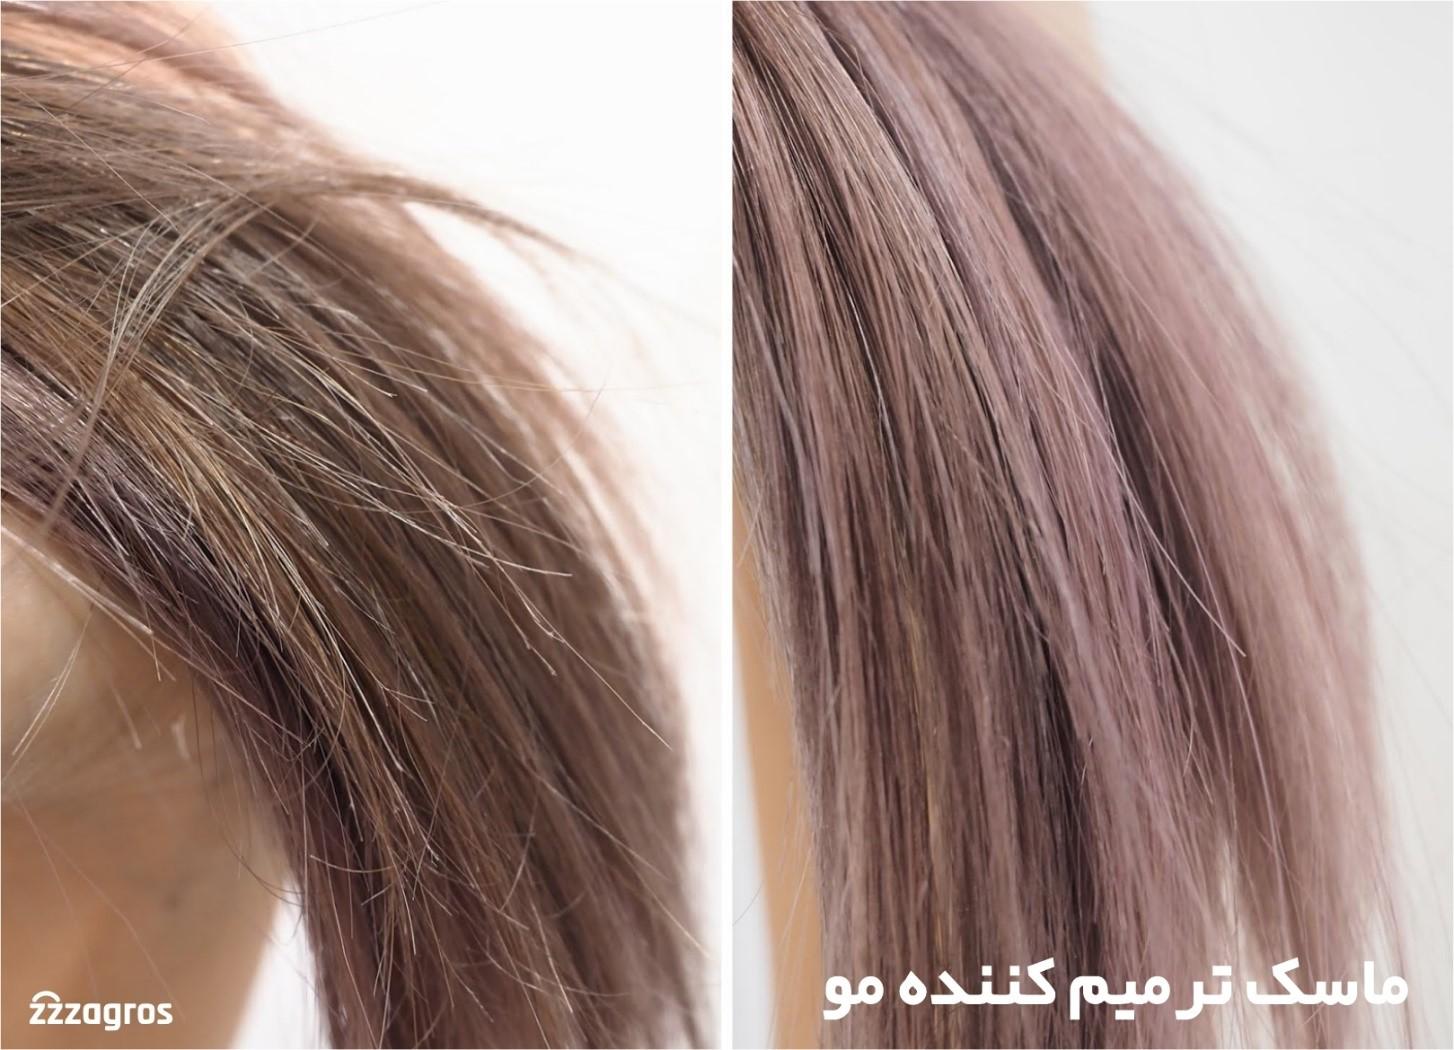 نقش ماسک مو و کرم مو در سلامت و زیبایی مو